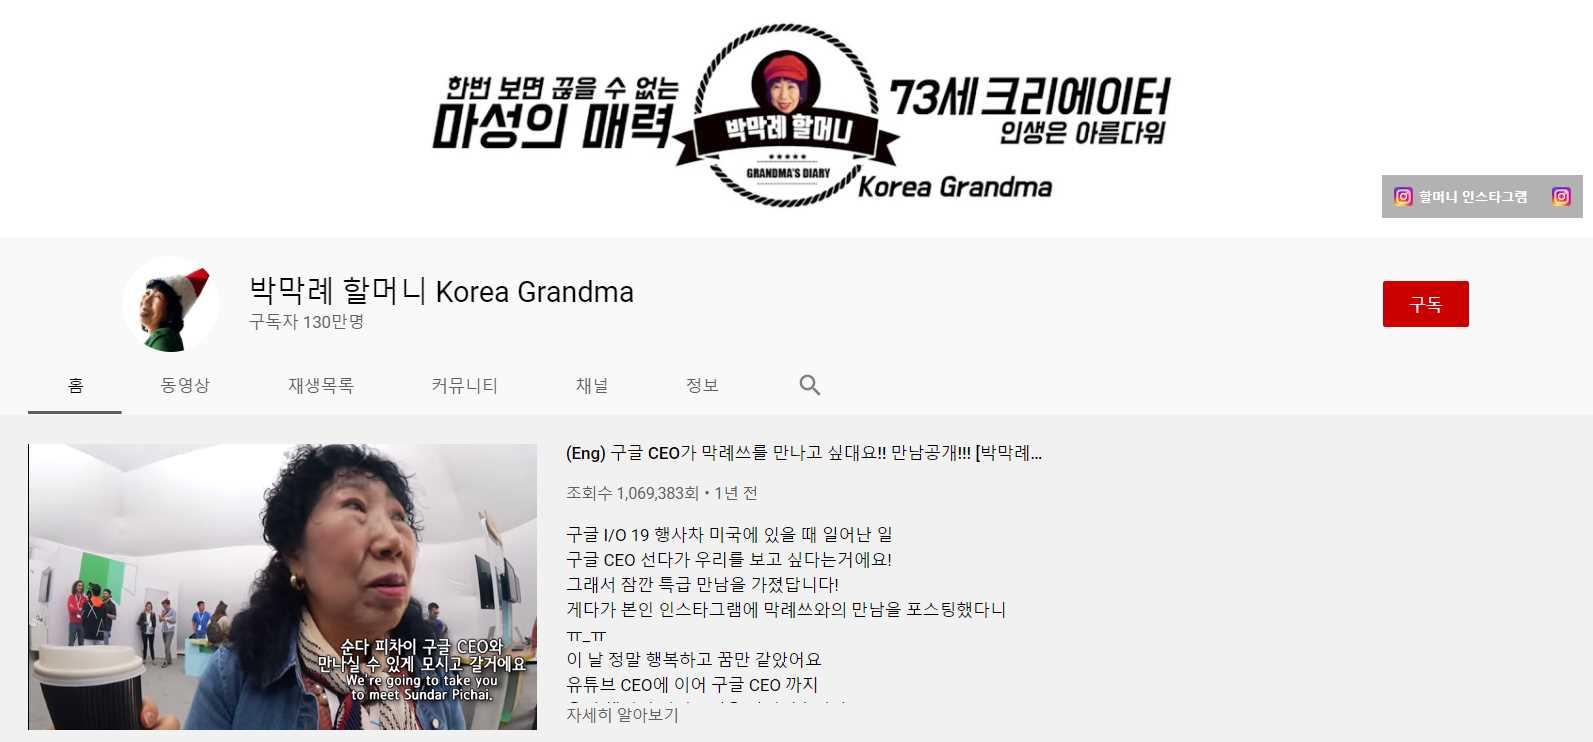 박막례 유튜브